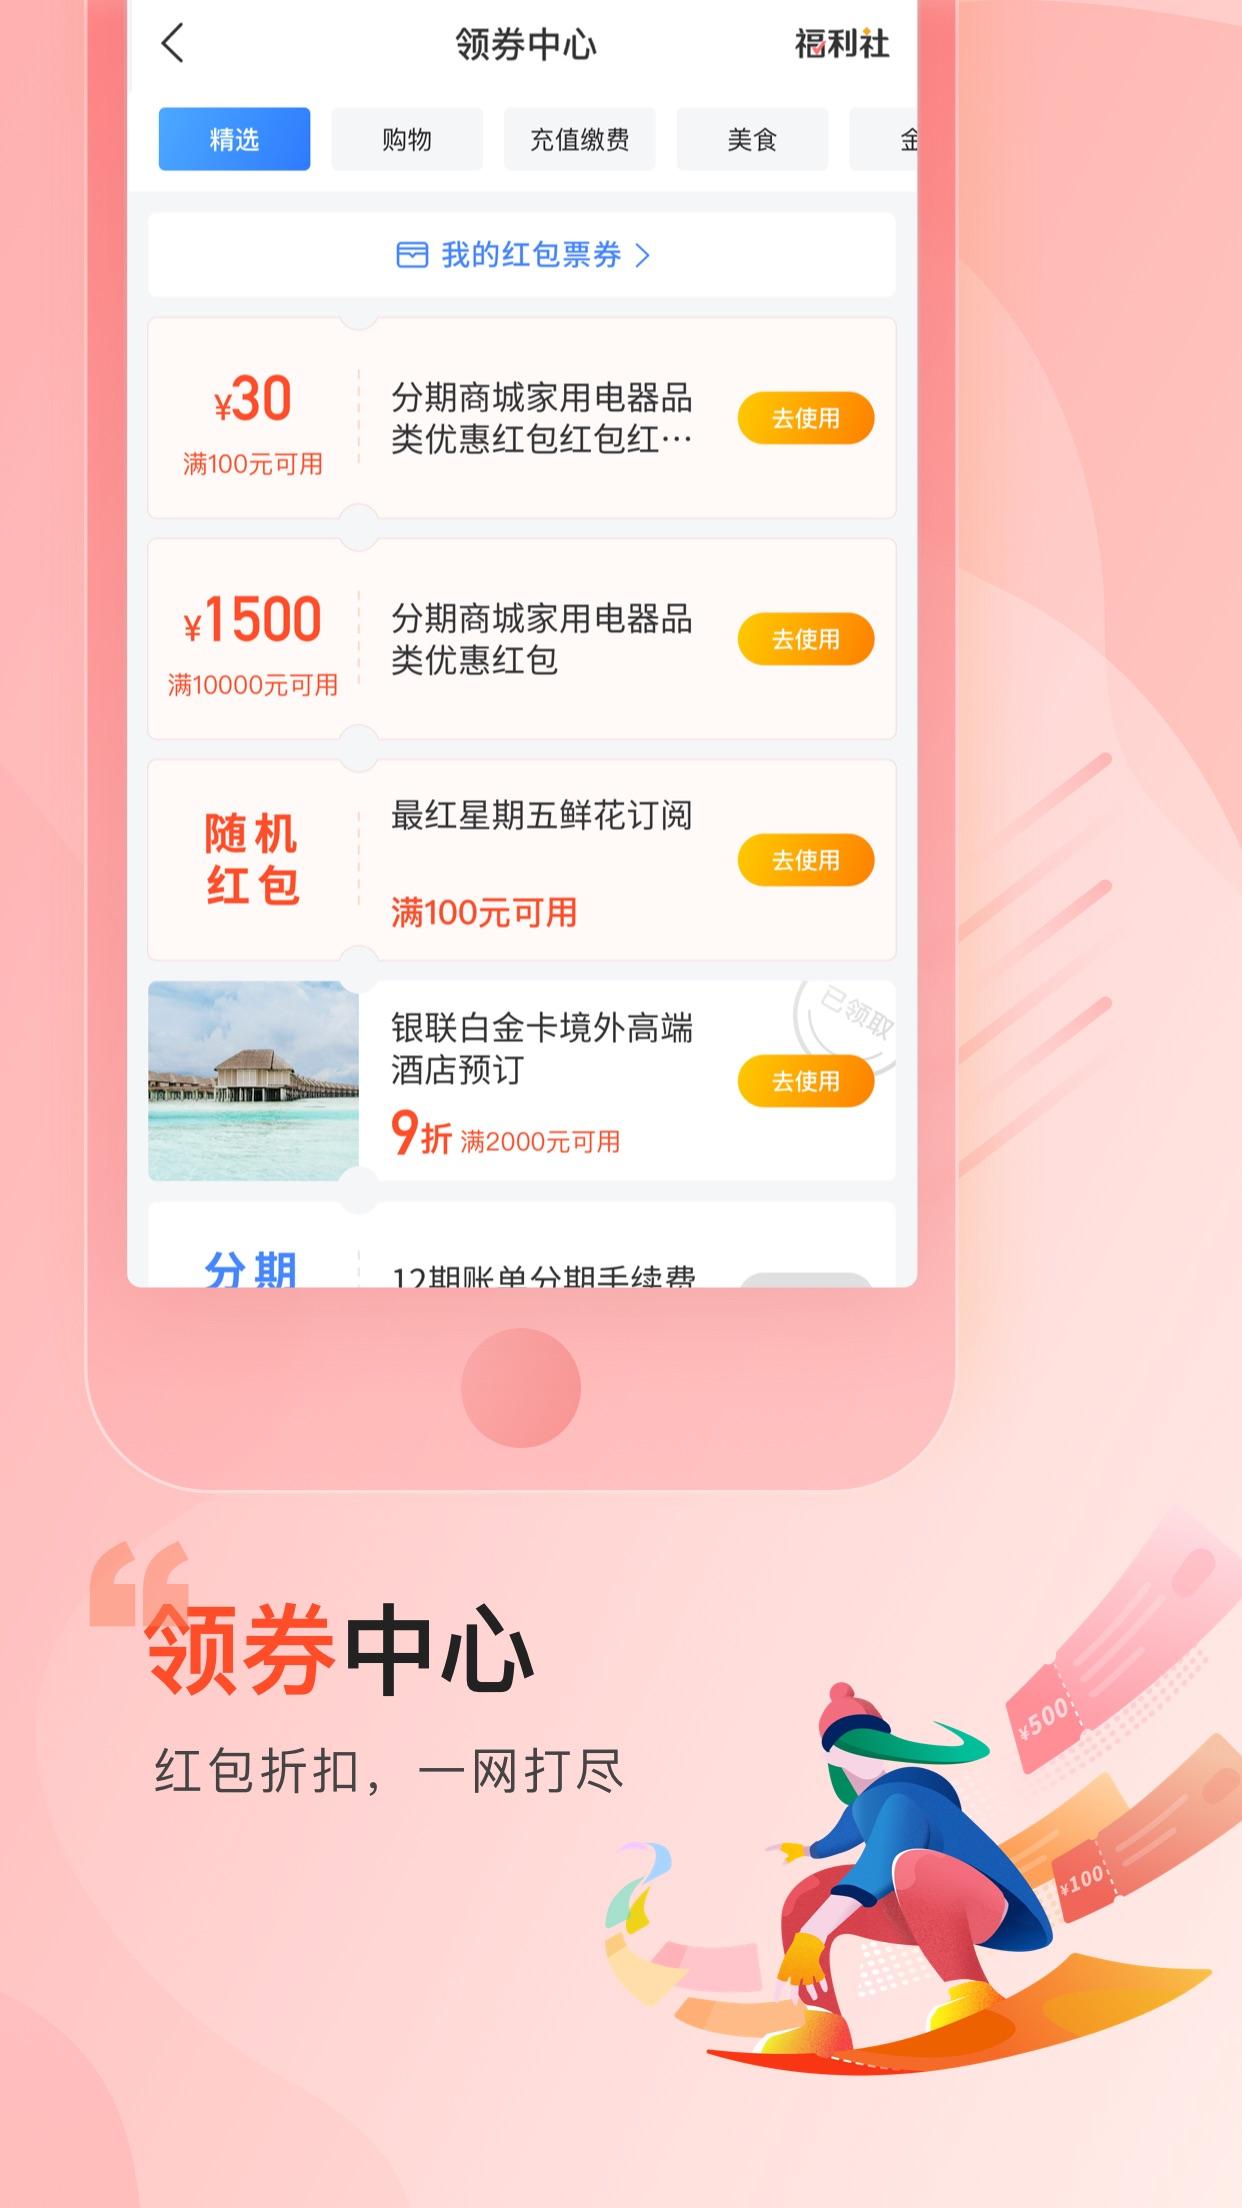 买单吧-交通银行信用卡 Screenshot